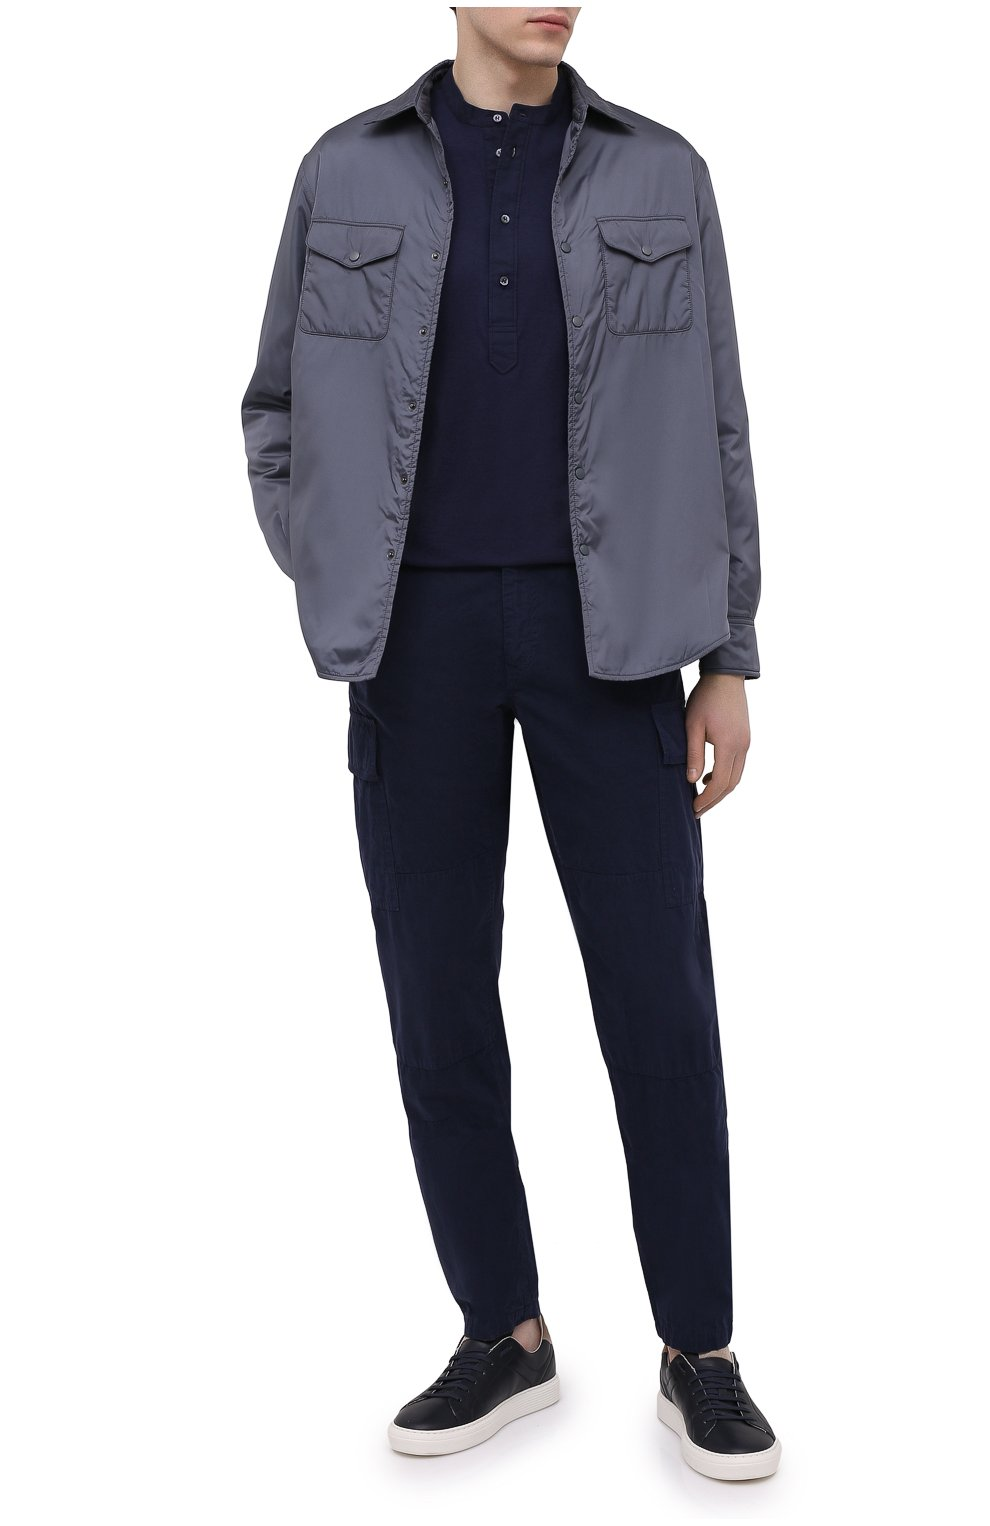 Мужская хлопковая рубашка ASPESI темно-синего цвета, арт. S1 A AY45 9408   Фото 2 (Манжеты: На пуговицах; Рукава: Длинные; Случай: Повседневный; Длина (для топов): Стандартные; Материал внешний: Хлопок; Принт: Однотонные; Воротник: Мандарин; Стили: Кэжуэл)